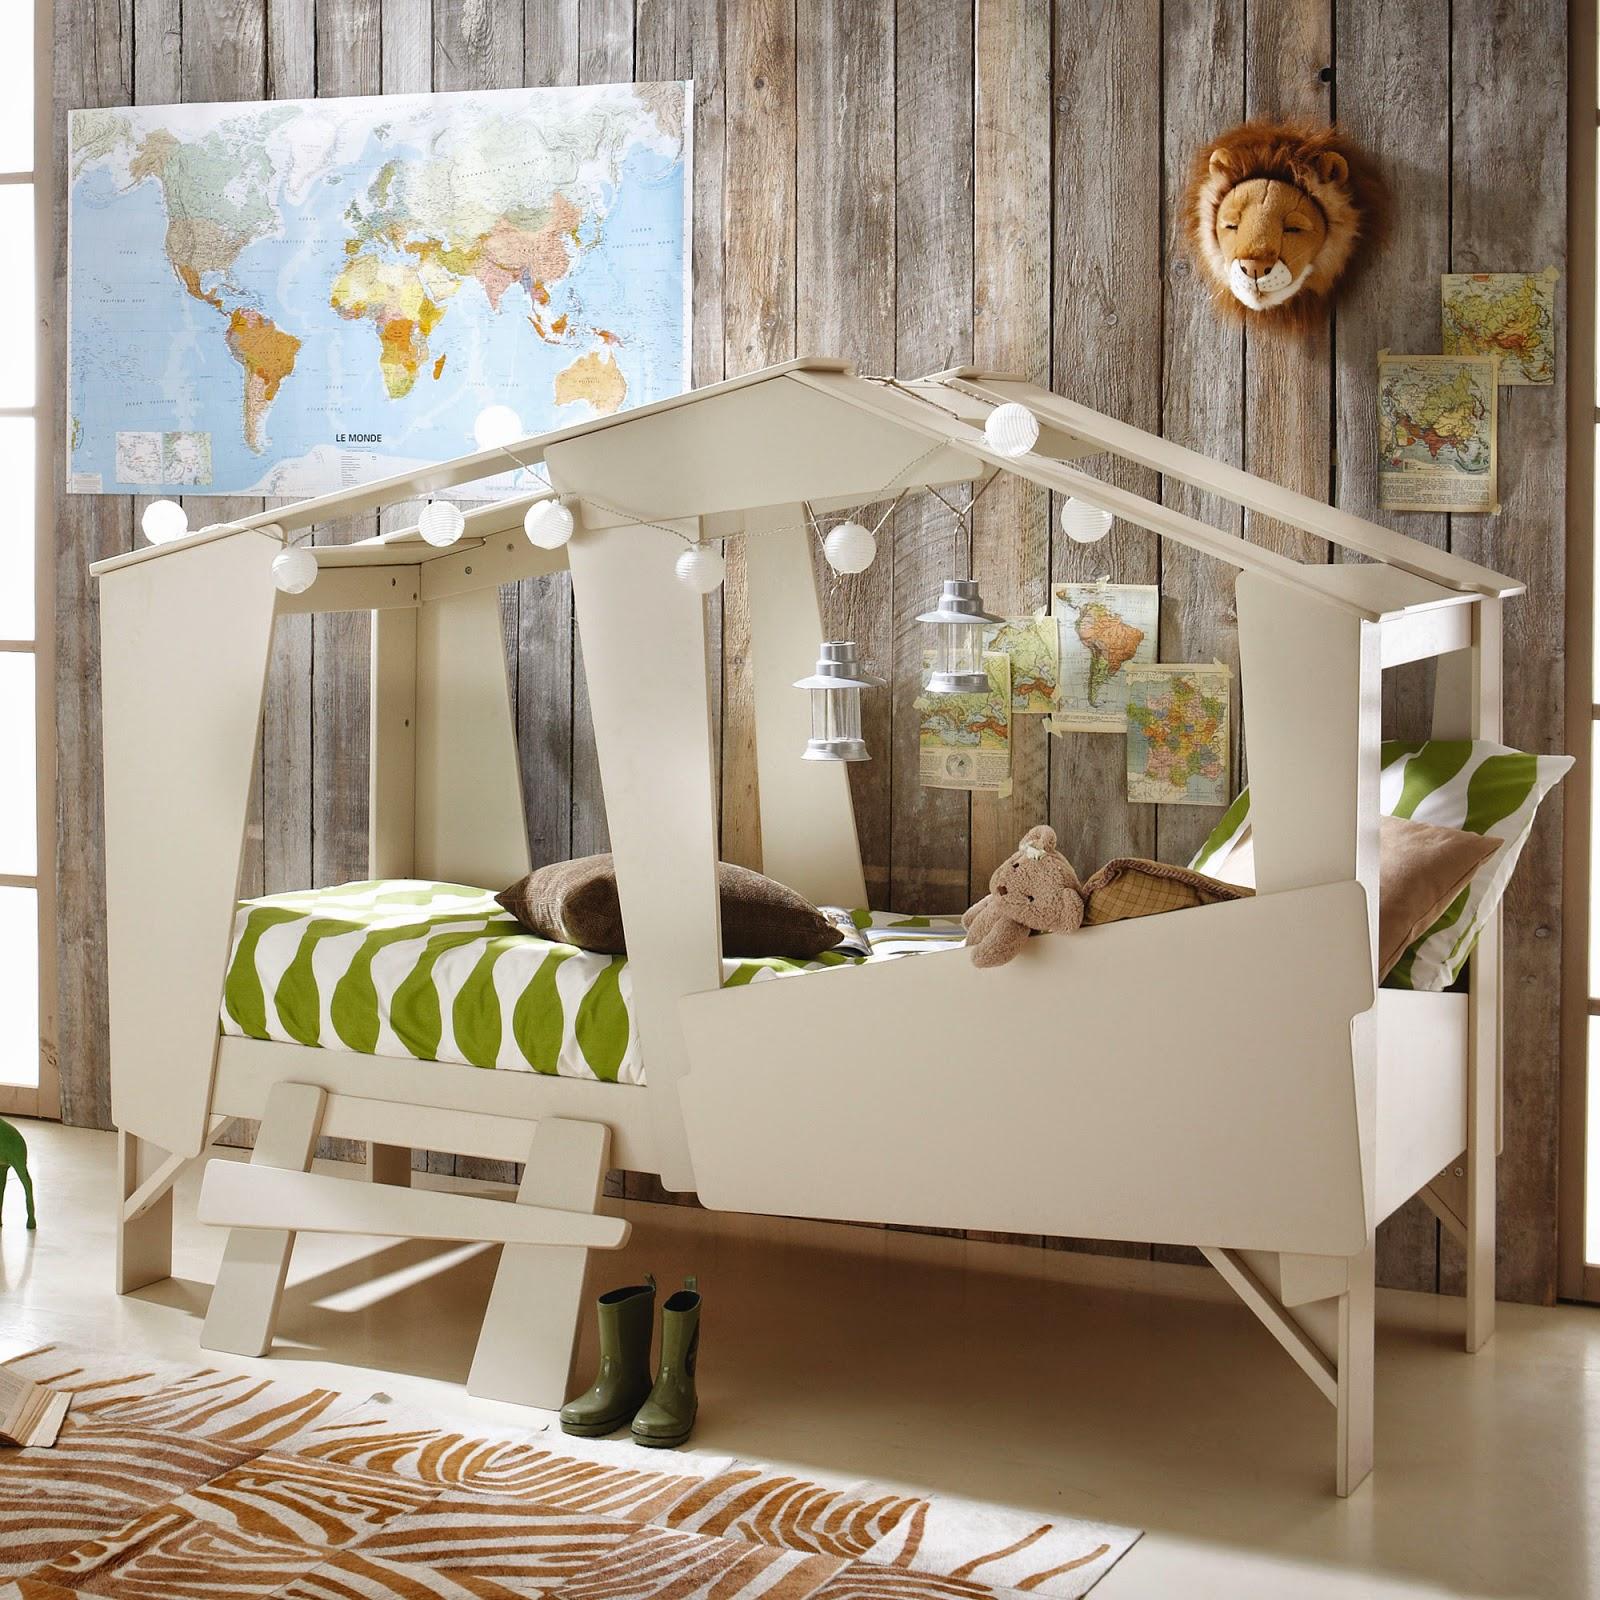 mich le in wonderland petits cadeaux pour jolies t tes blondes ou brunes. Black Bedroom Furniture Sets. Home Design Ideas